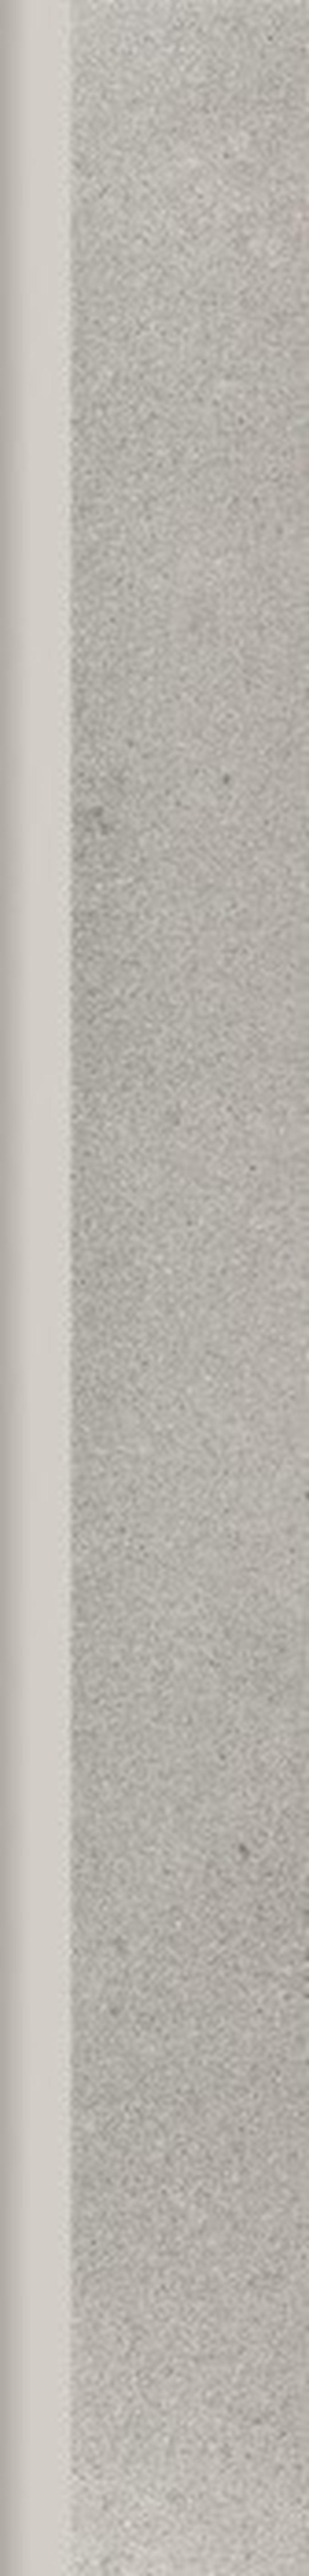 Dekoracja podłogowa 7,2x59,8 cm Paradyż Naturstone Antracite Cokół Poler